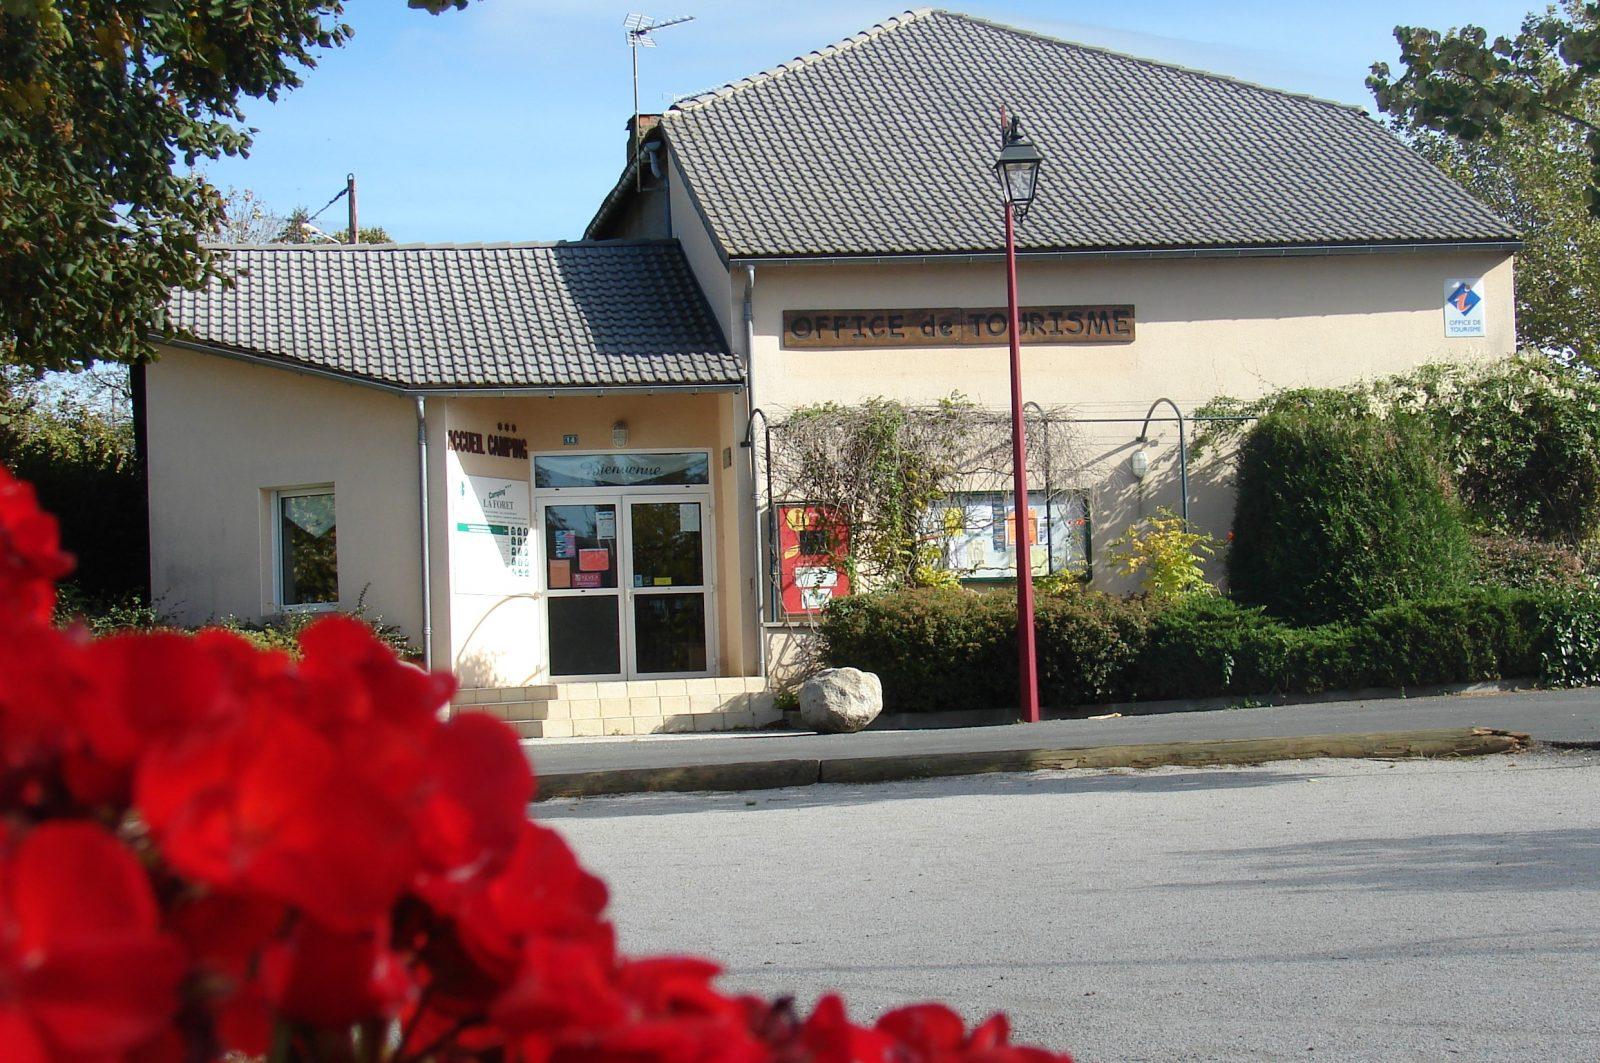 Bureau d'Information Touristique de Saint-Pierre de Trivisy